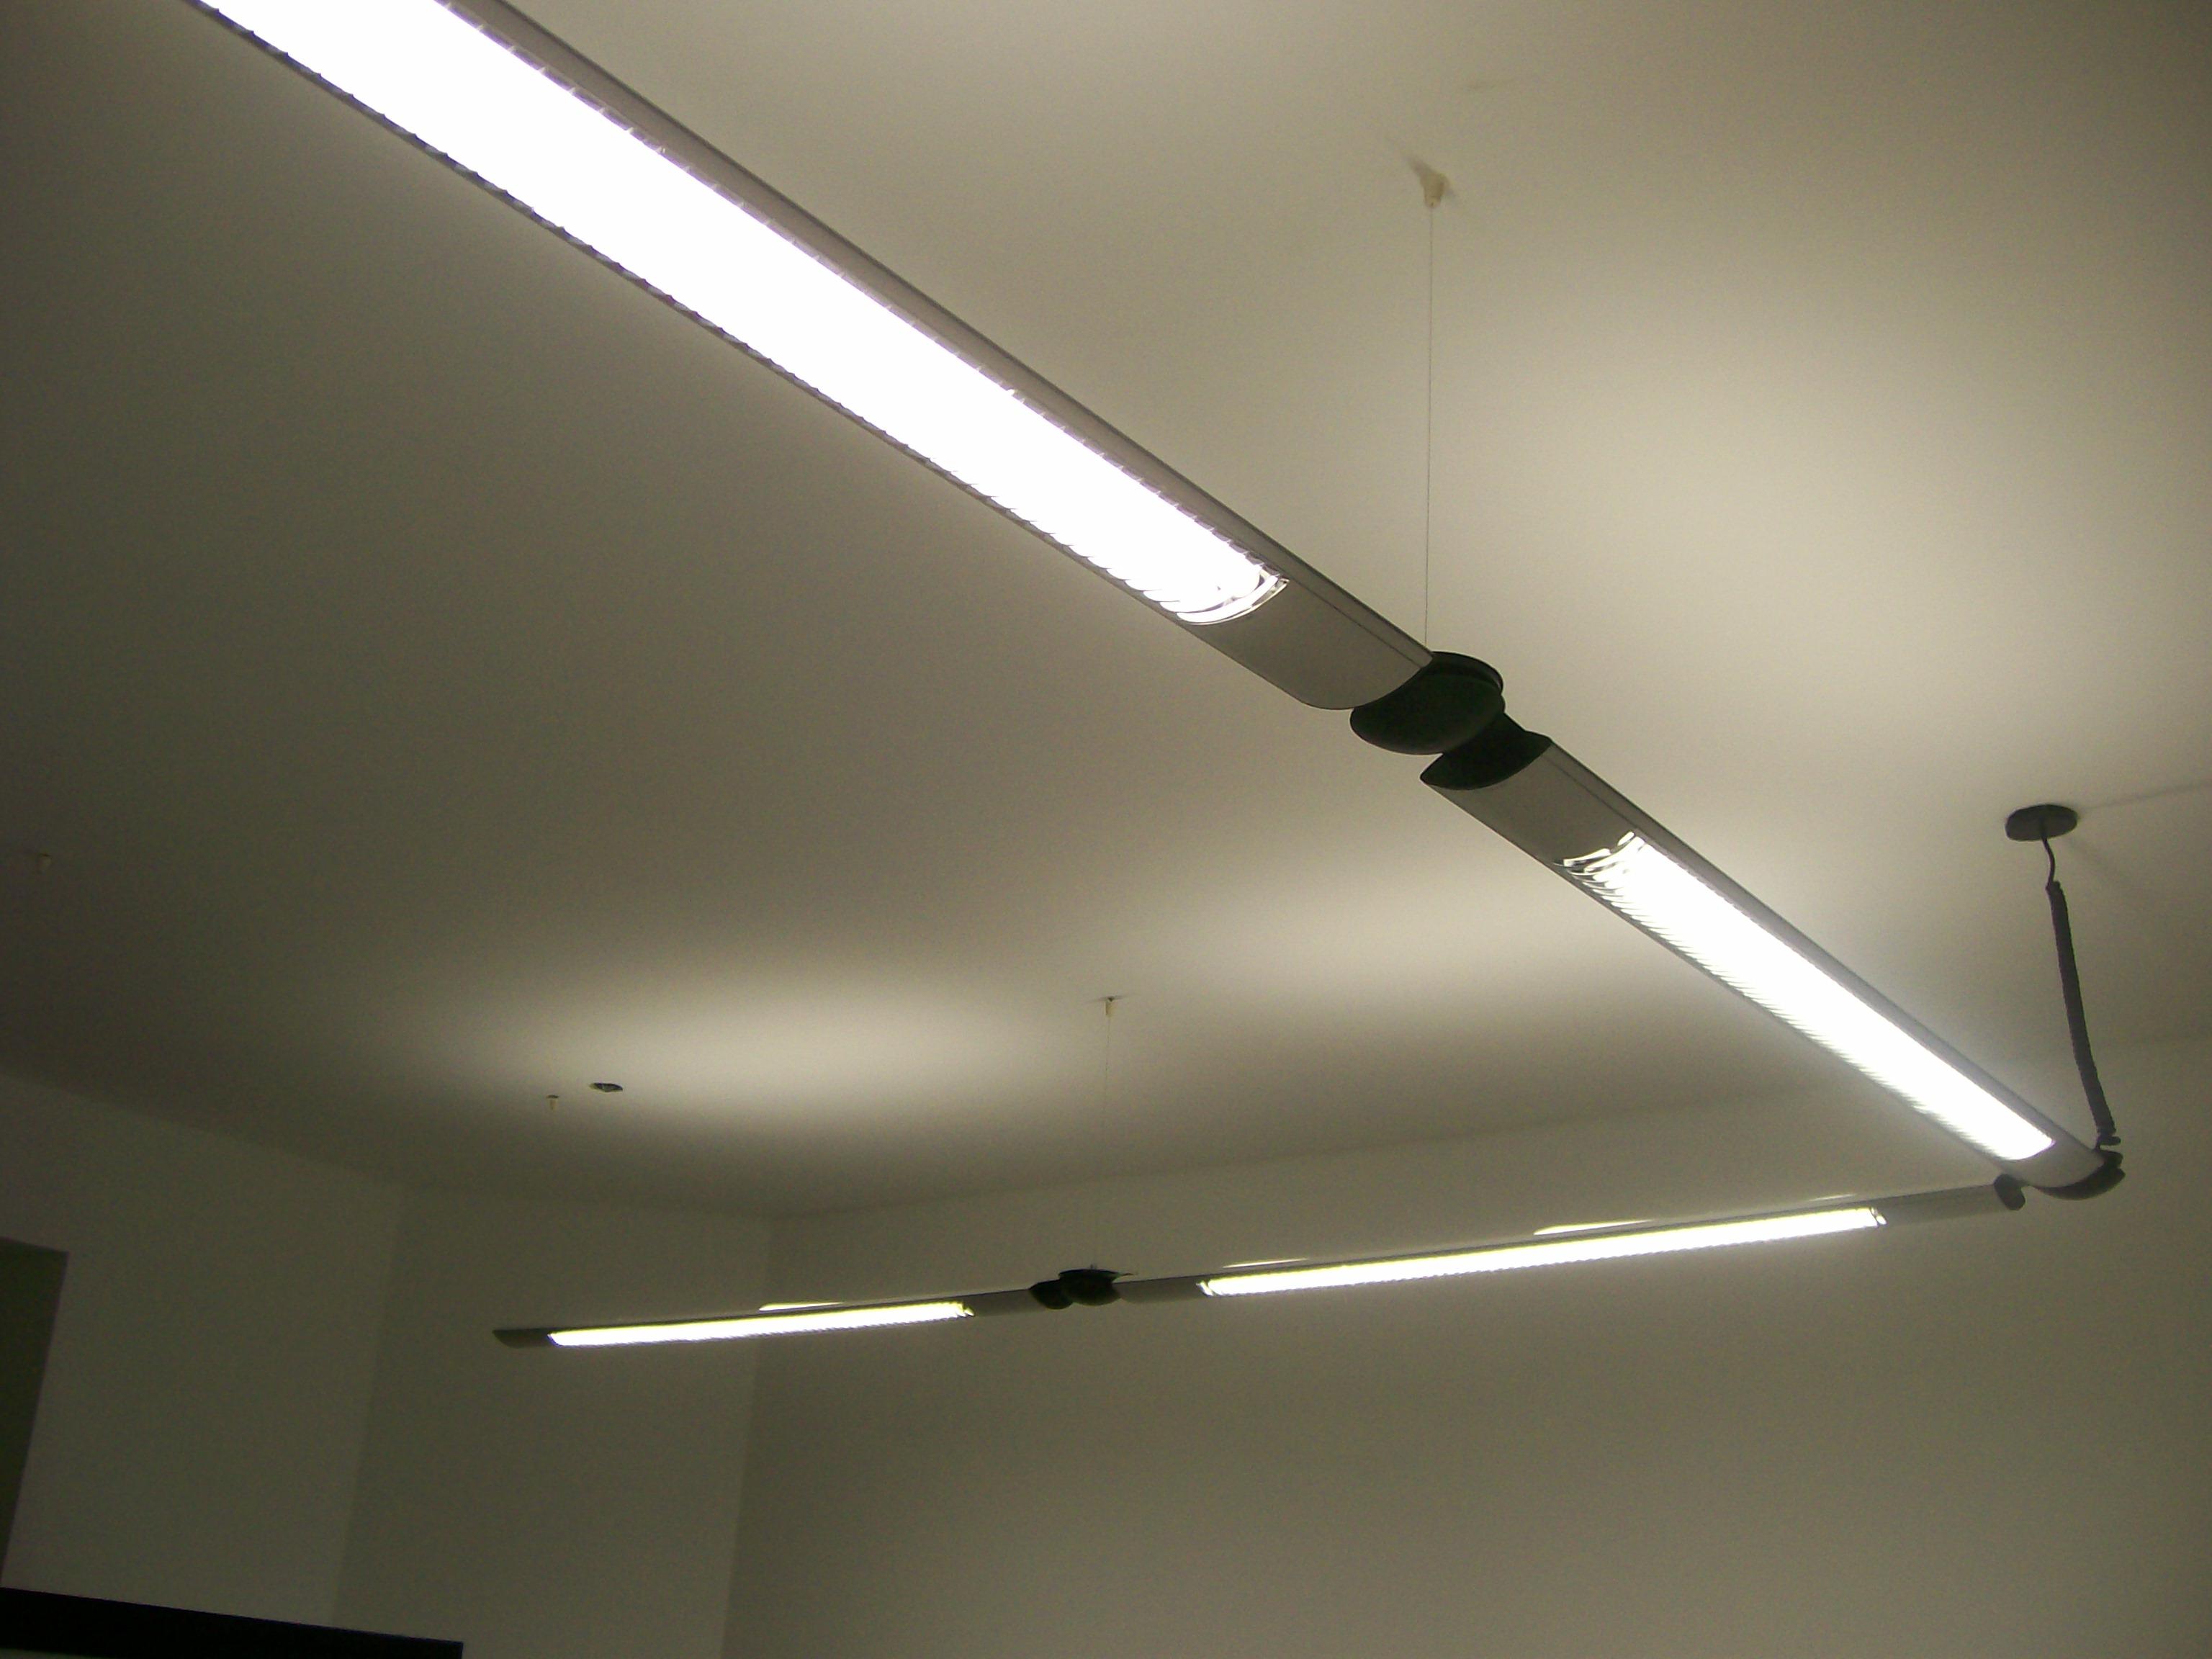 Venta De Productos Electricos Venta De Productos De Iluminacion - Artefactos-de-iluminacion-exterior